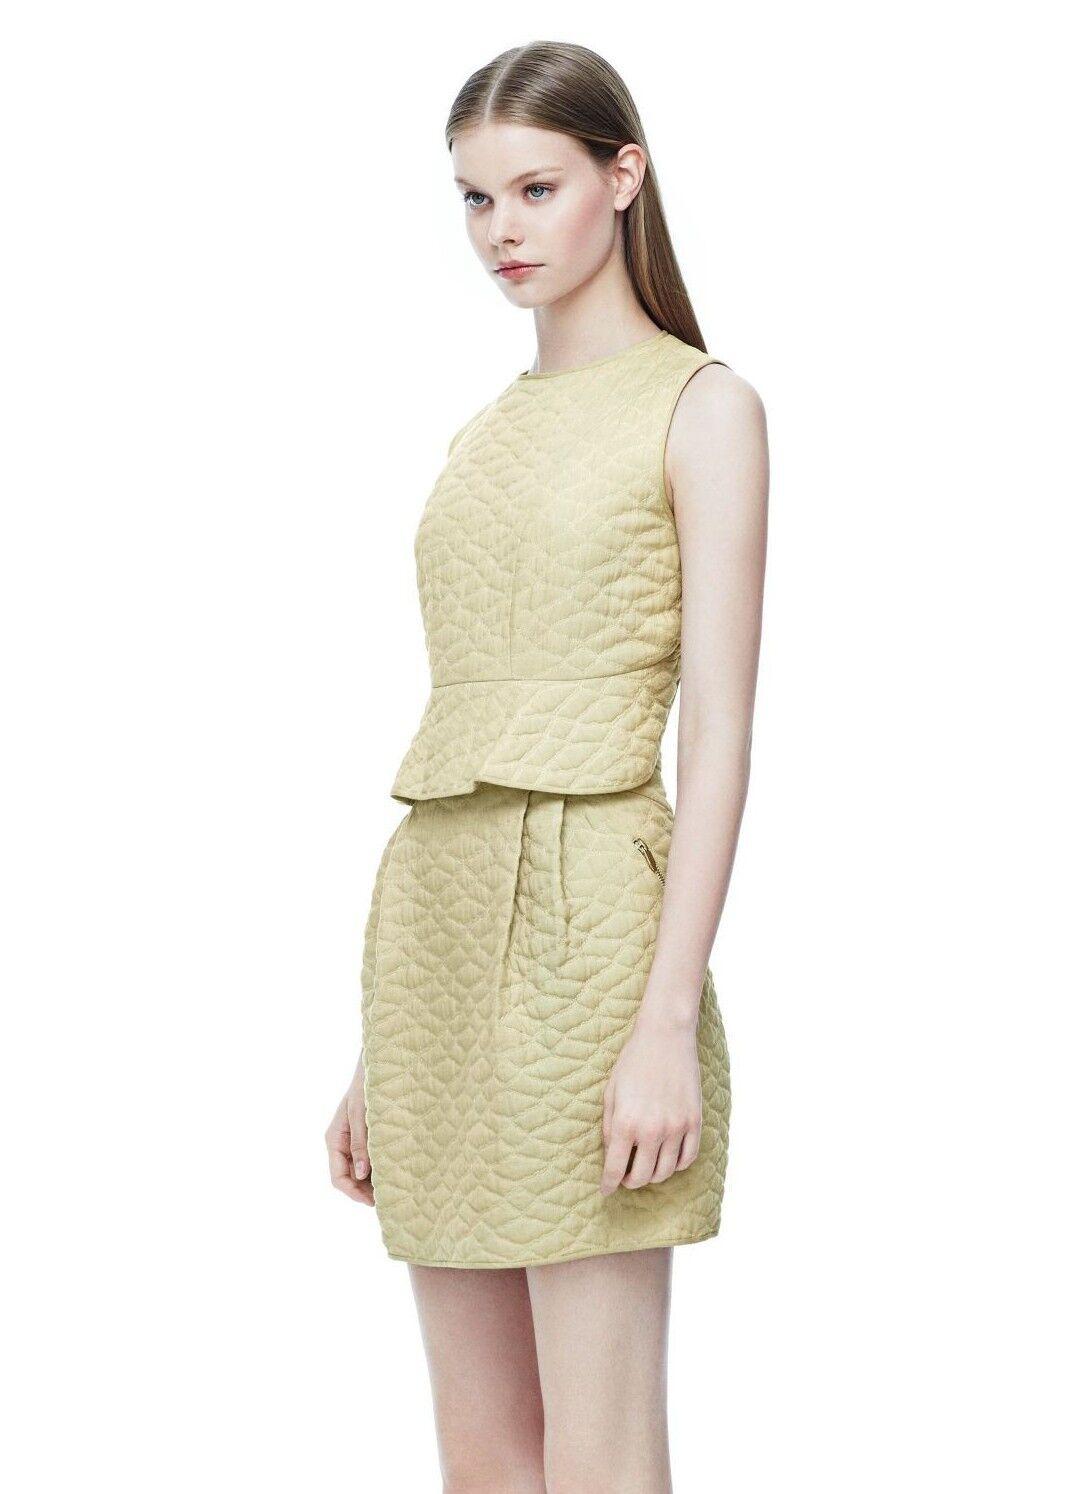 Theyskens' Theory Silk Blend Green 'Dasta' Quilted Peplum Dress Sz 2 New